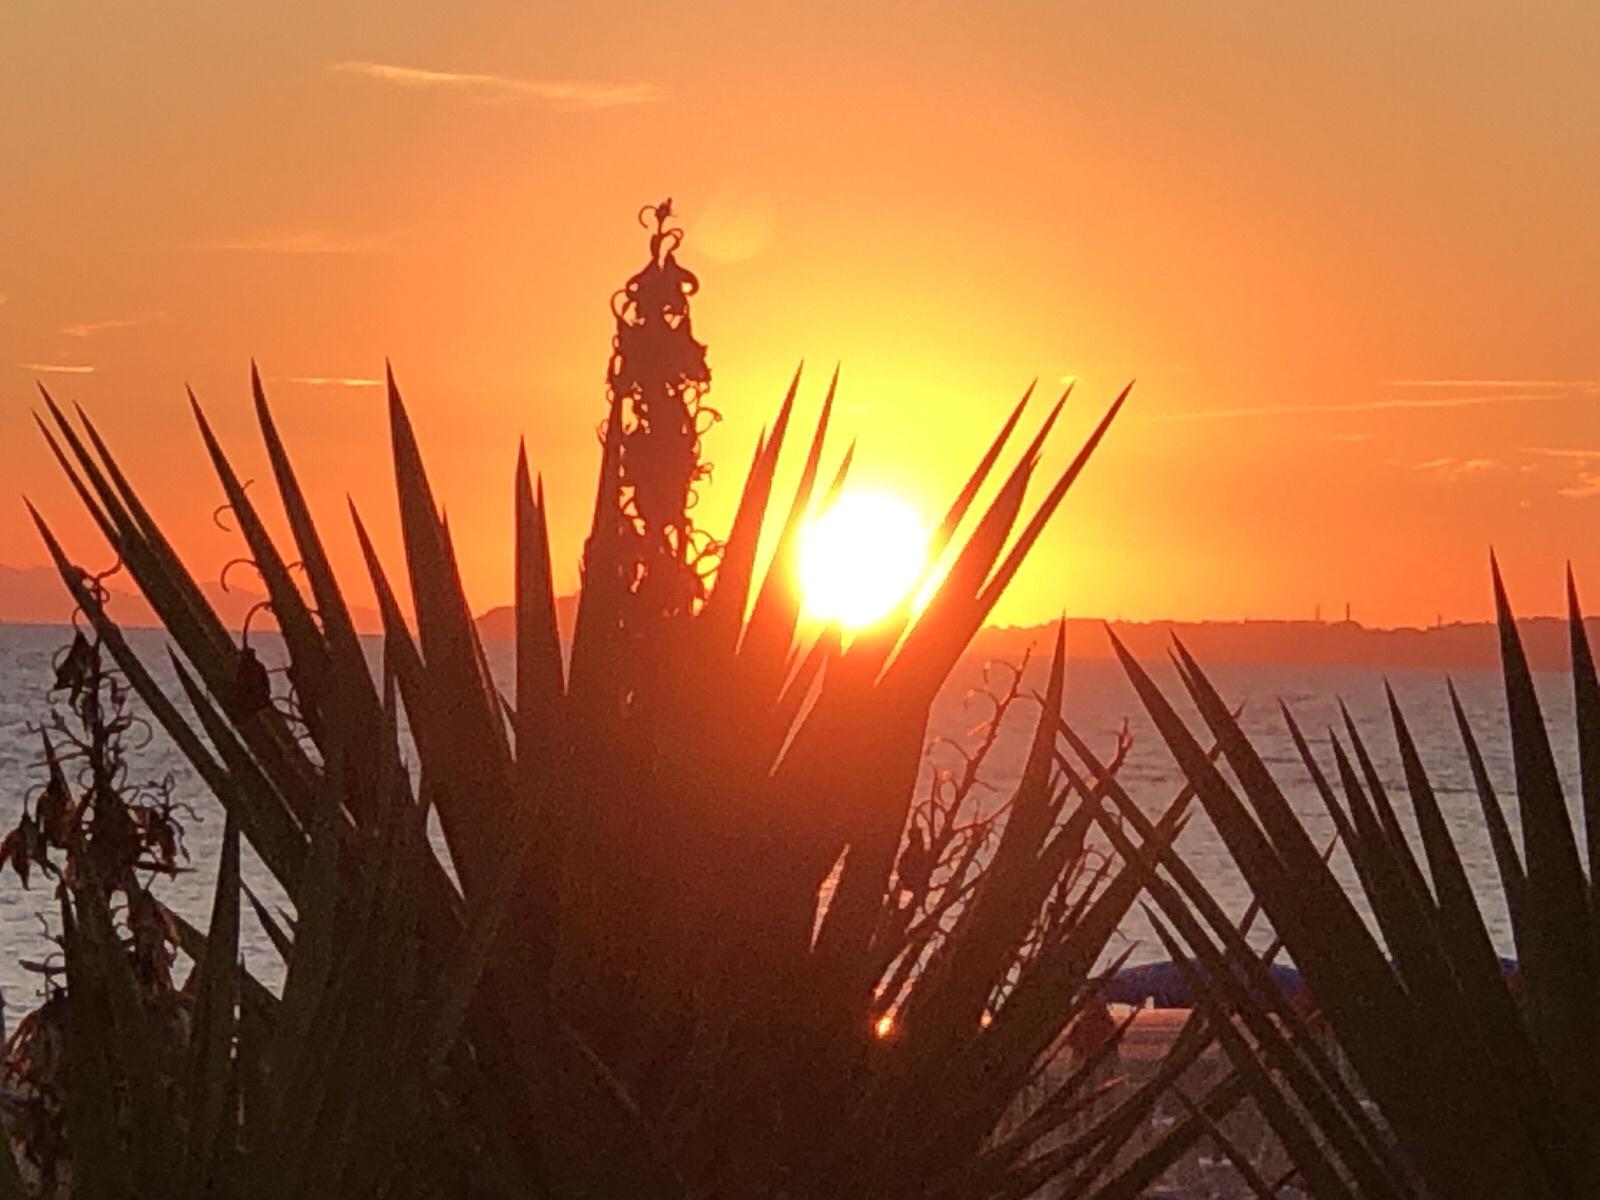 tramonto Follonica 23 settembre 2021 (foto di Francesco Galgani)